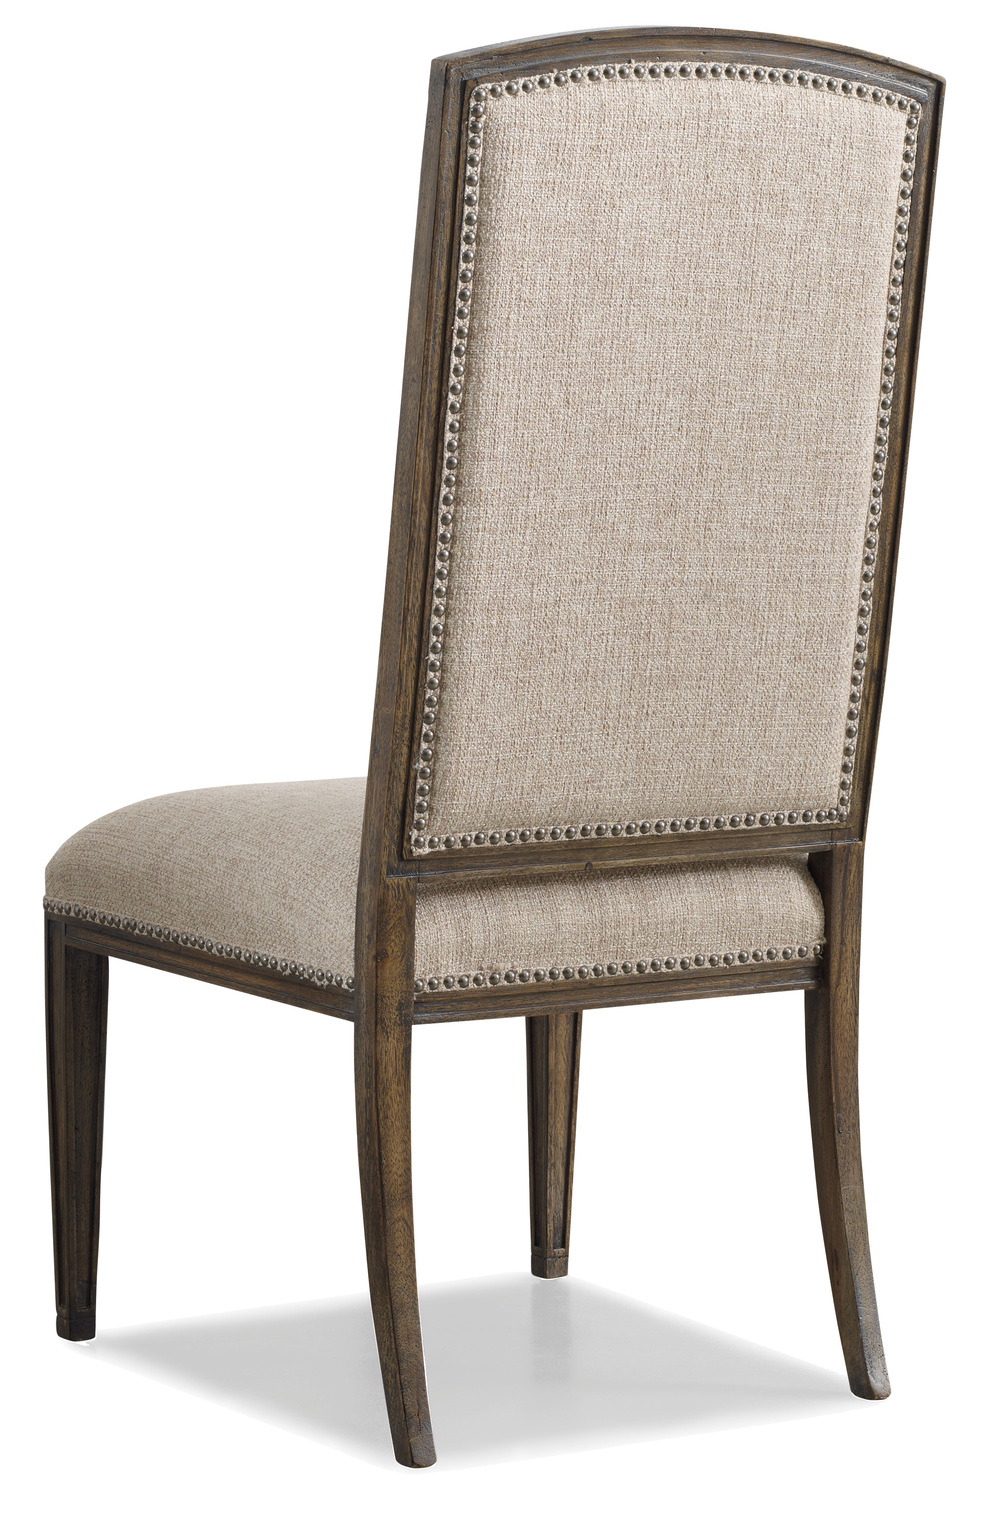 HOOKER FURNITURE CO - Rhapsody Side Chair